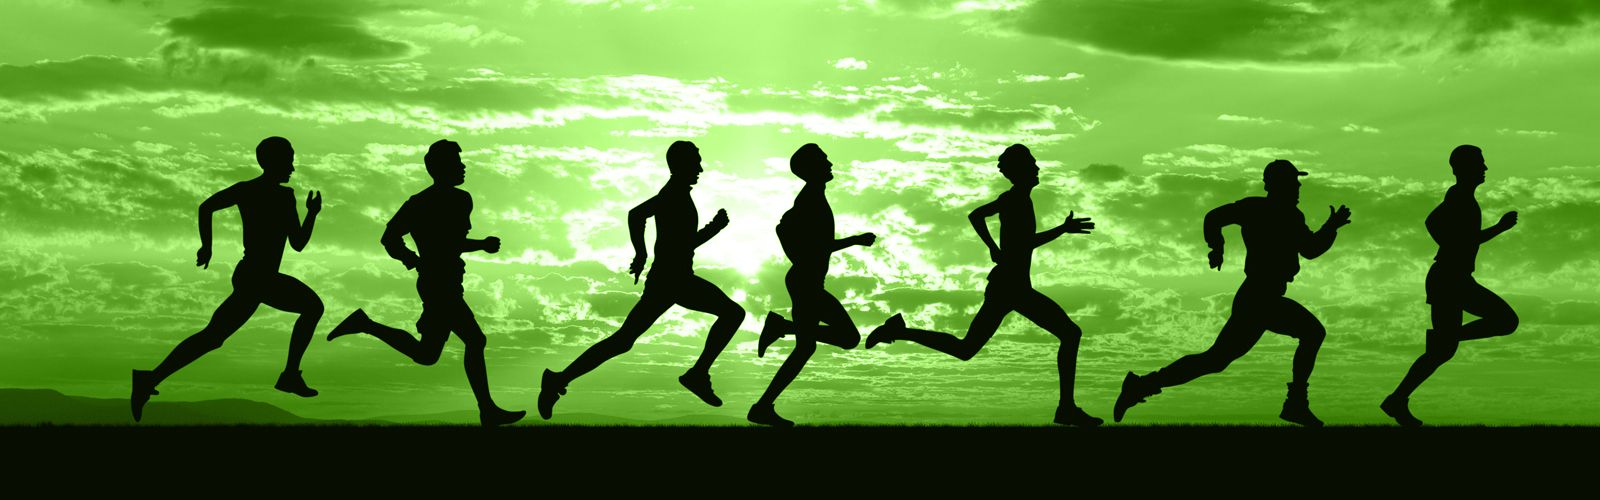 El estudio de la pisada puede evitar lesiones entre los deportistas